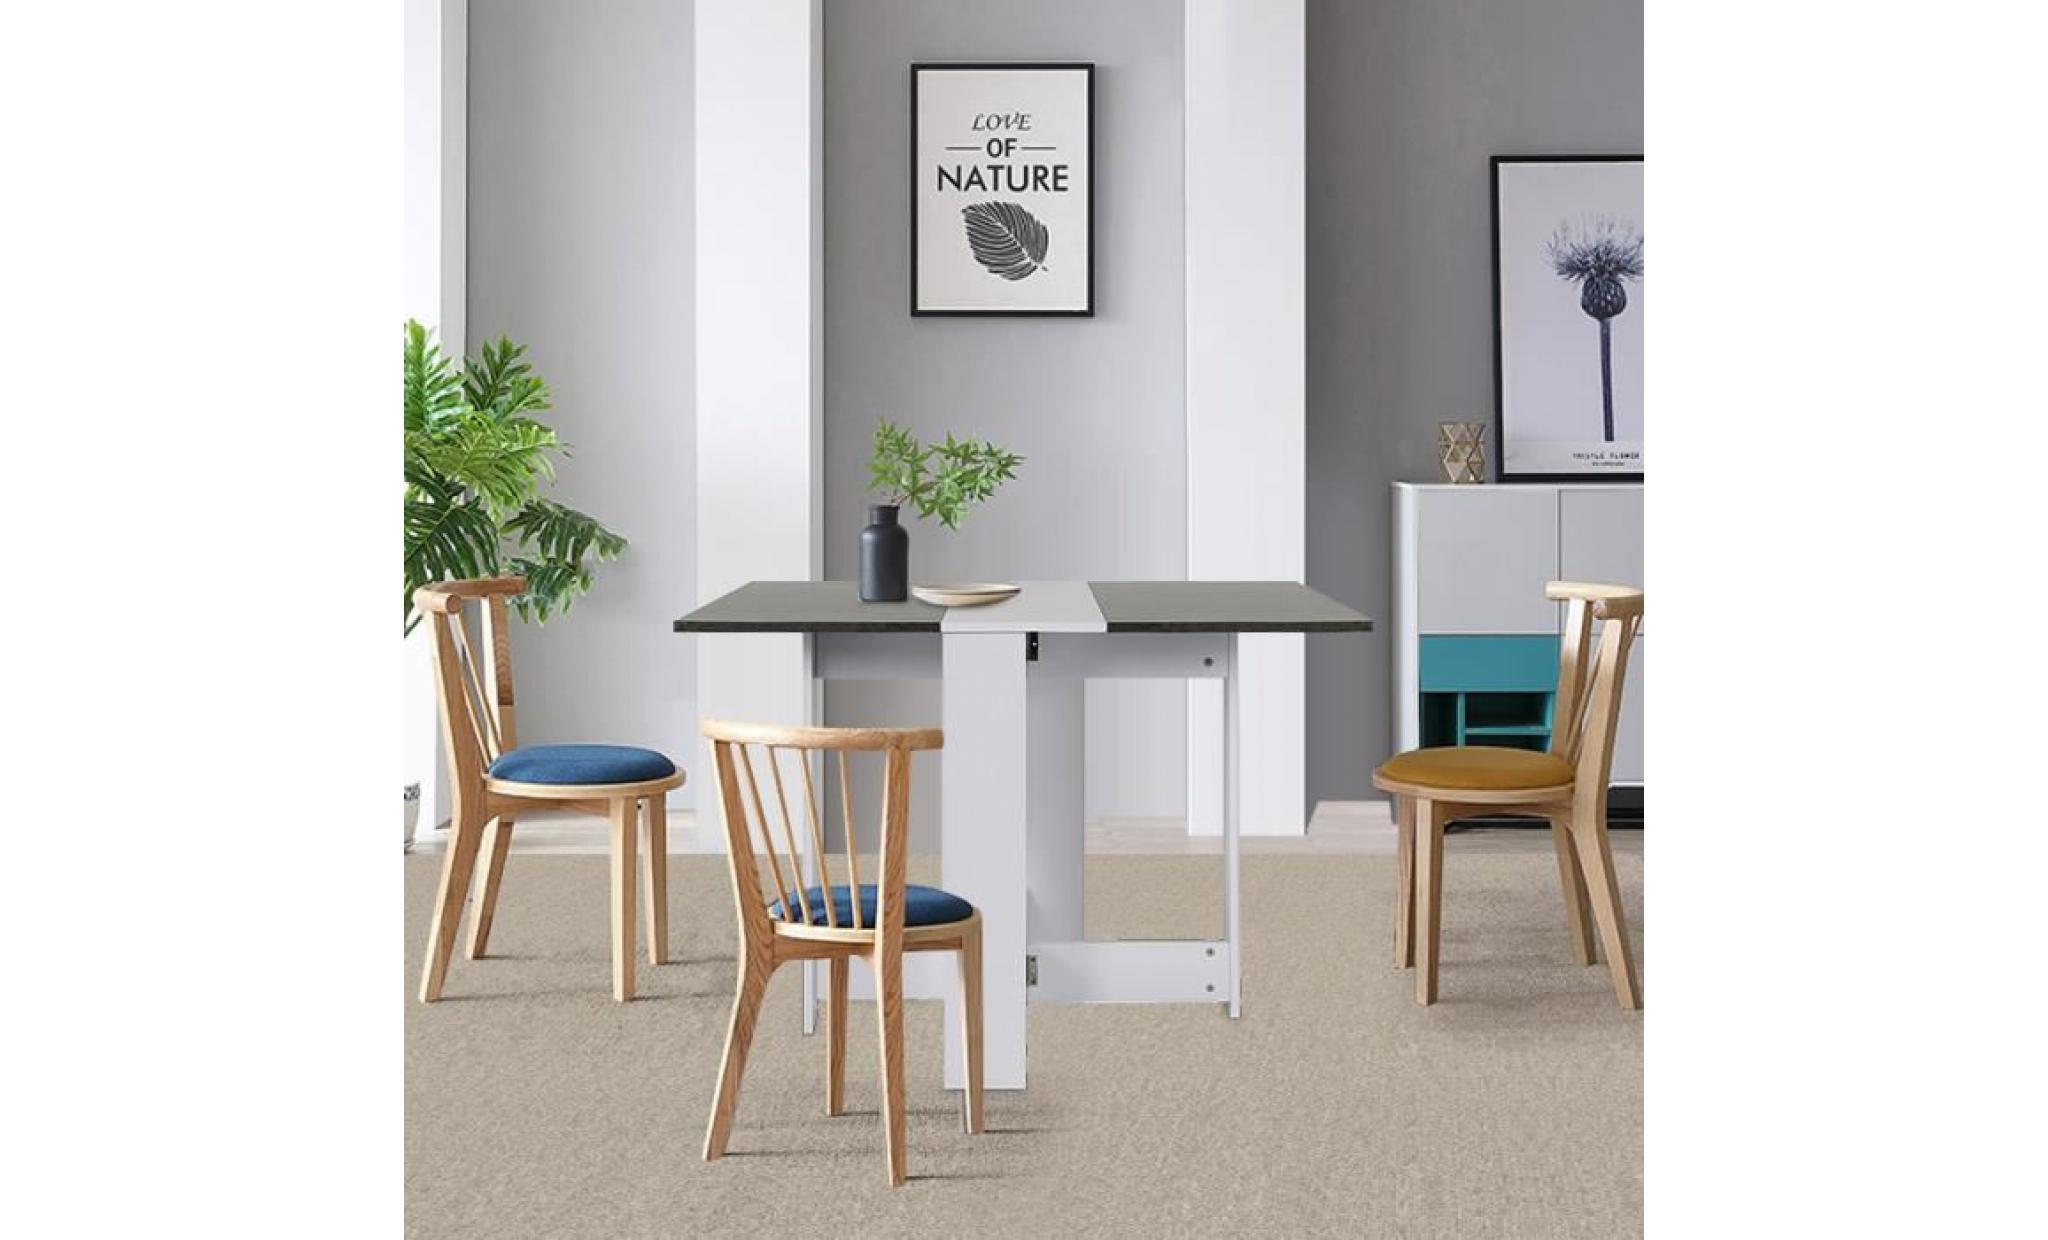 table a manger seule table a manger pliante de 4 a 6 personnes style contemporain blanc mat et decor beton l 103 x l 76 cm achat vente table salle a manger